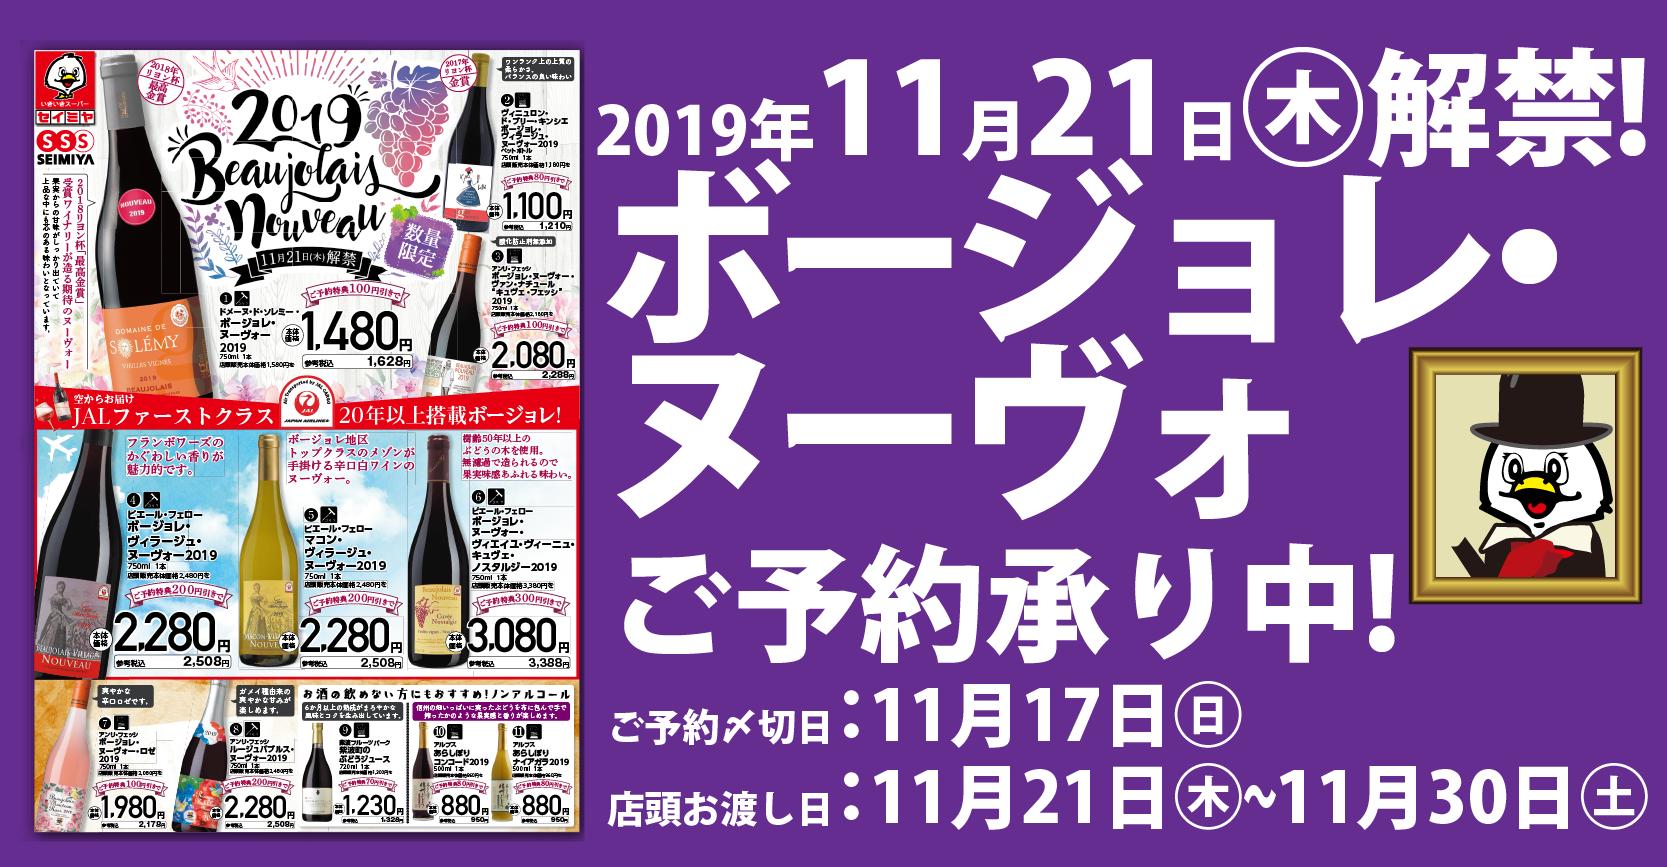 2019ボージョレ・ヌーヴォご予約承り中!